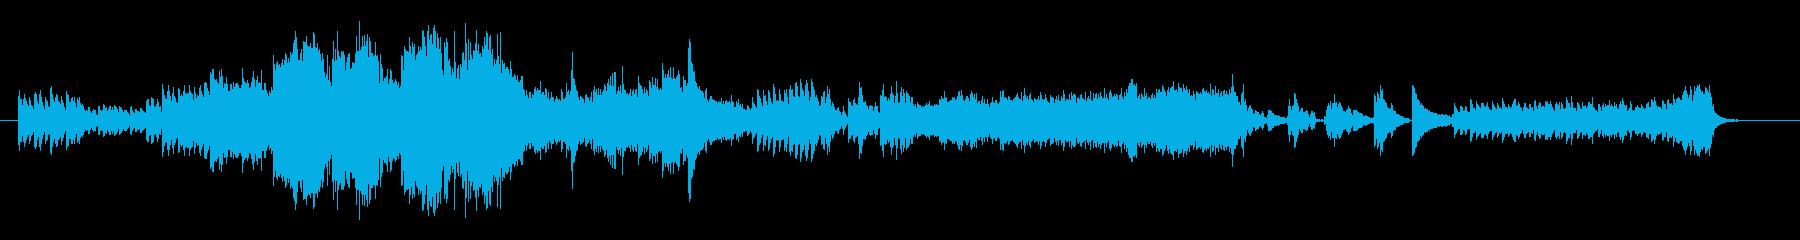 重厚でスリリングなオケ アンビエントの再生済みの波形